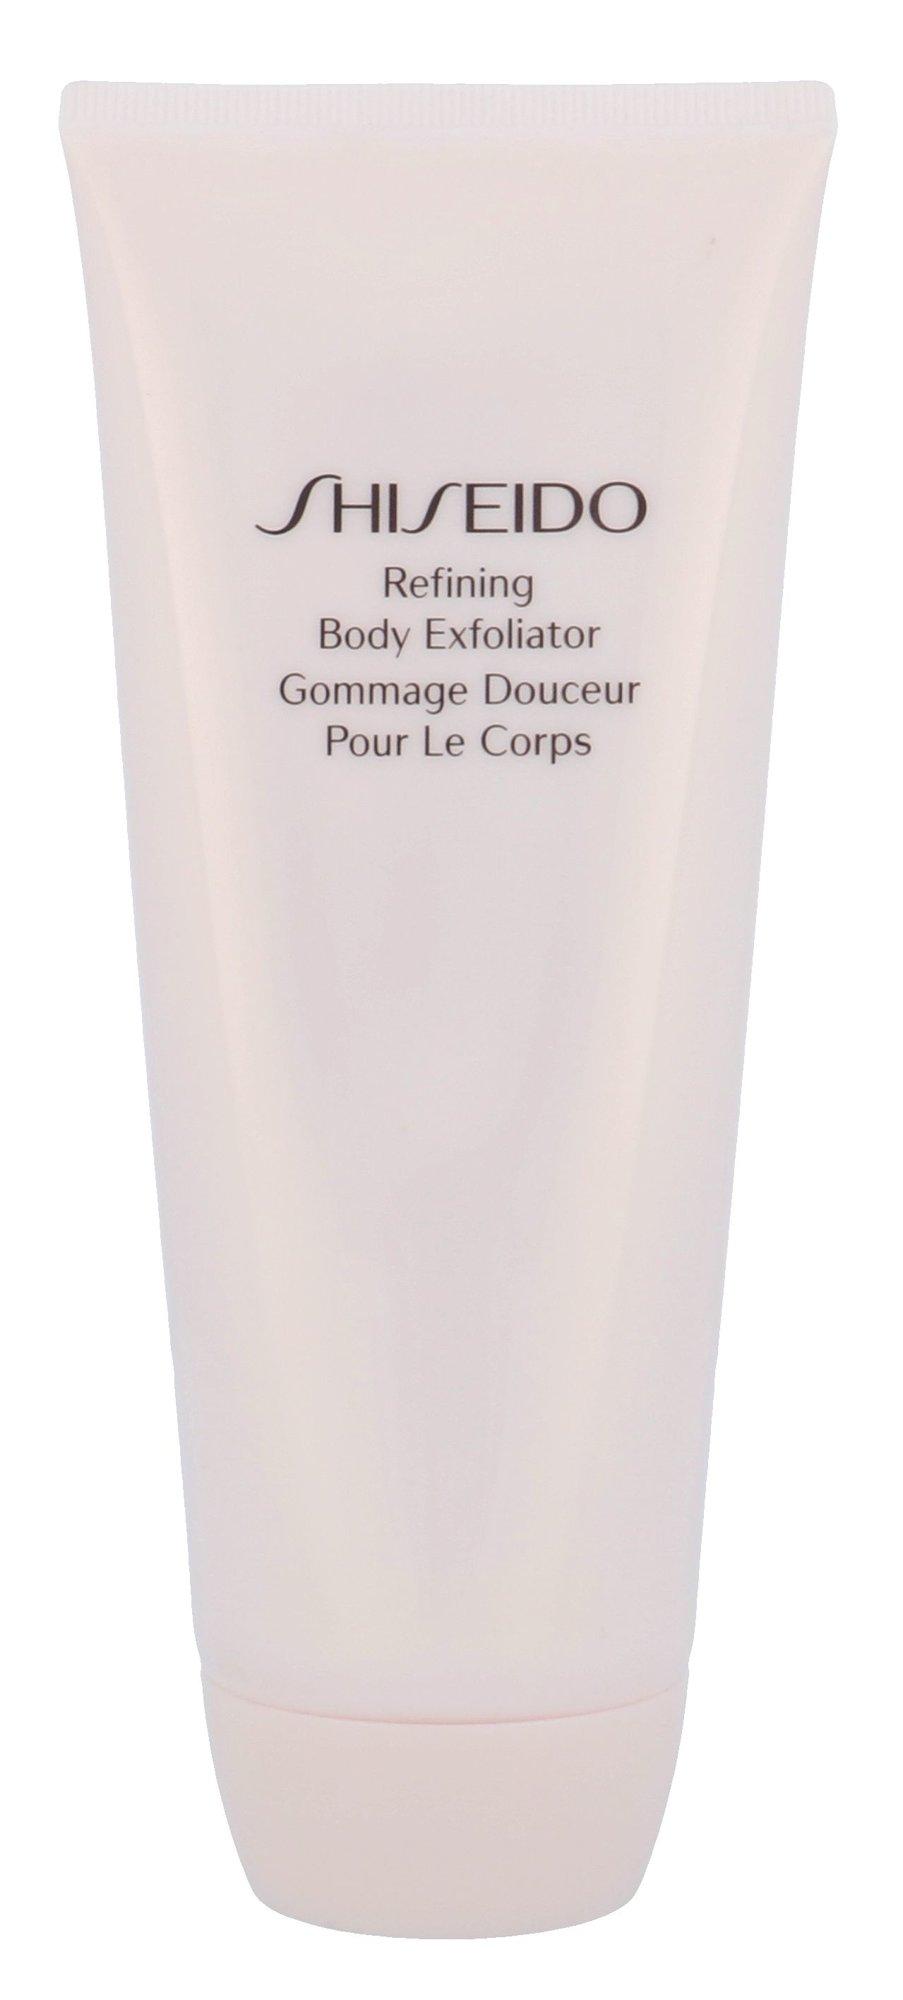 Shiseido Refining Body Exfoliator Cosmetic 200ml